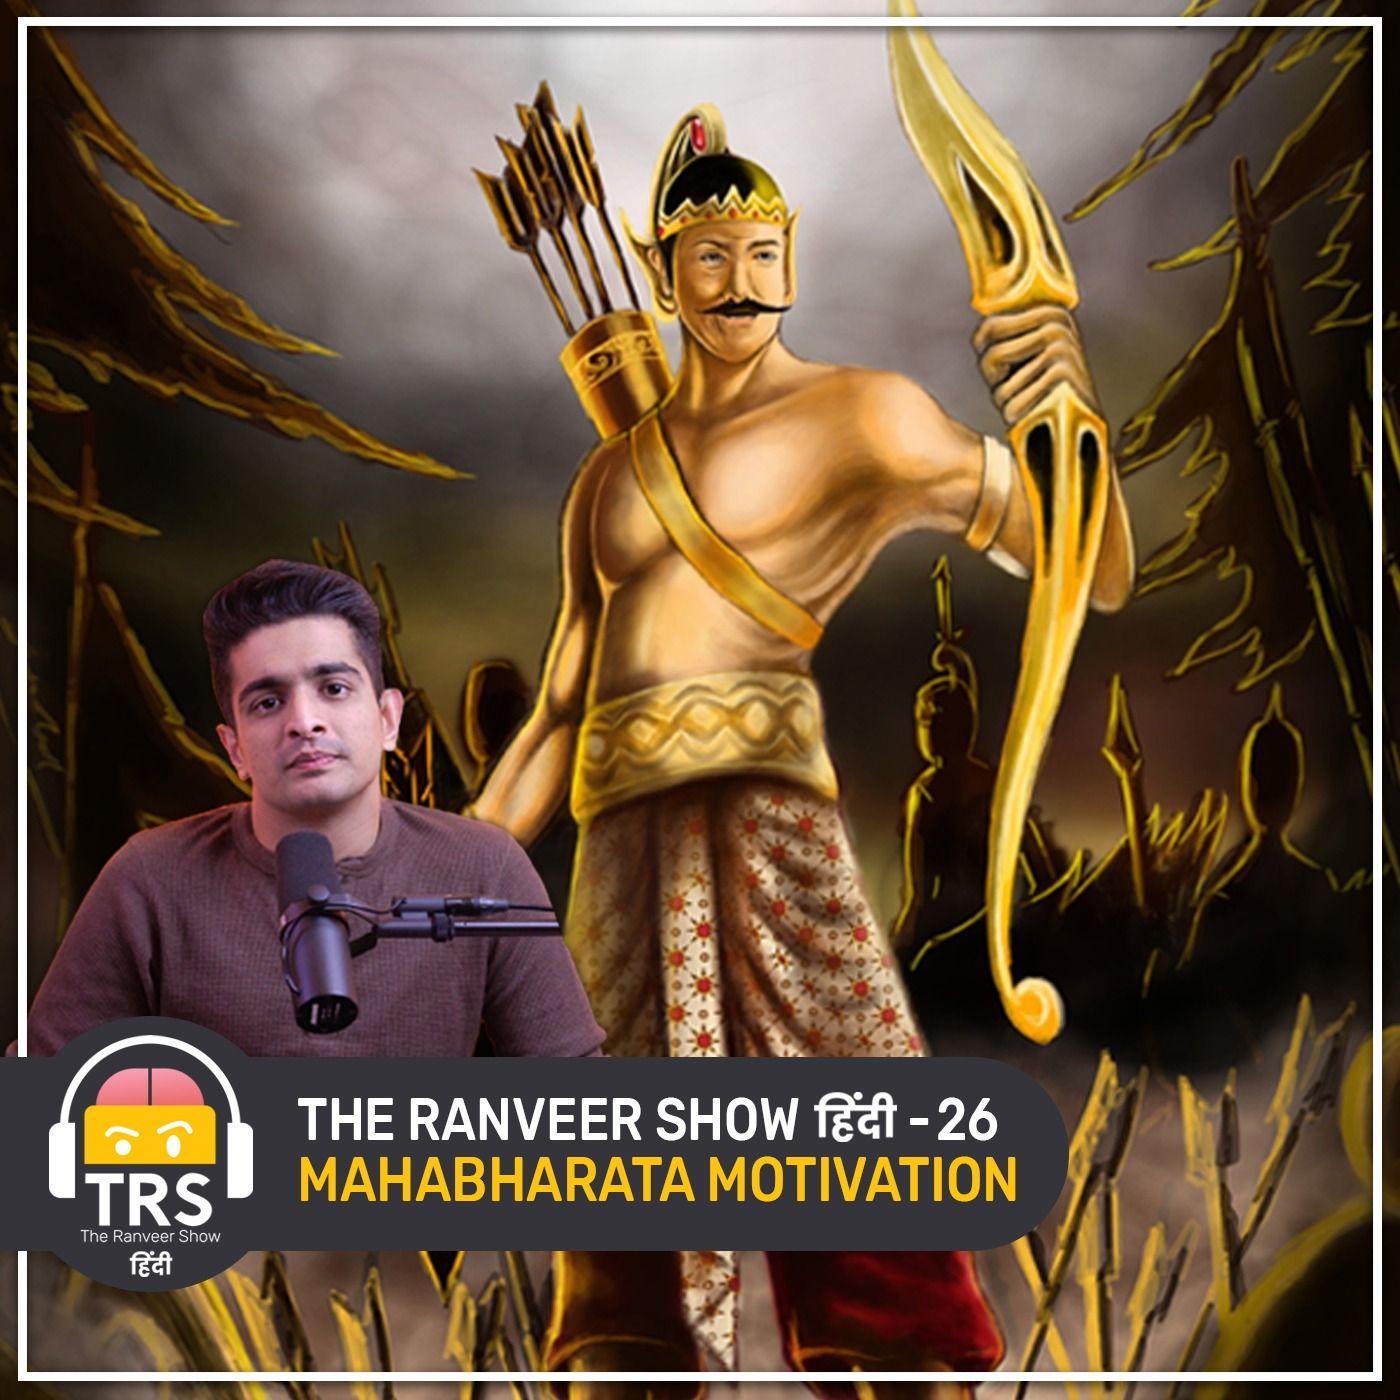 Yeh Kahaani Aapke Ander Aag Laga Degi 🔥🔥 | Mahabharata Focus Motivation | The Ranveer Show हिंदी 26